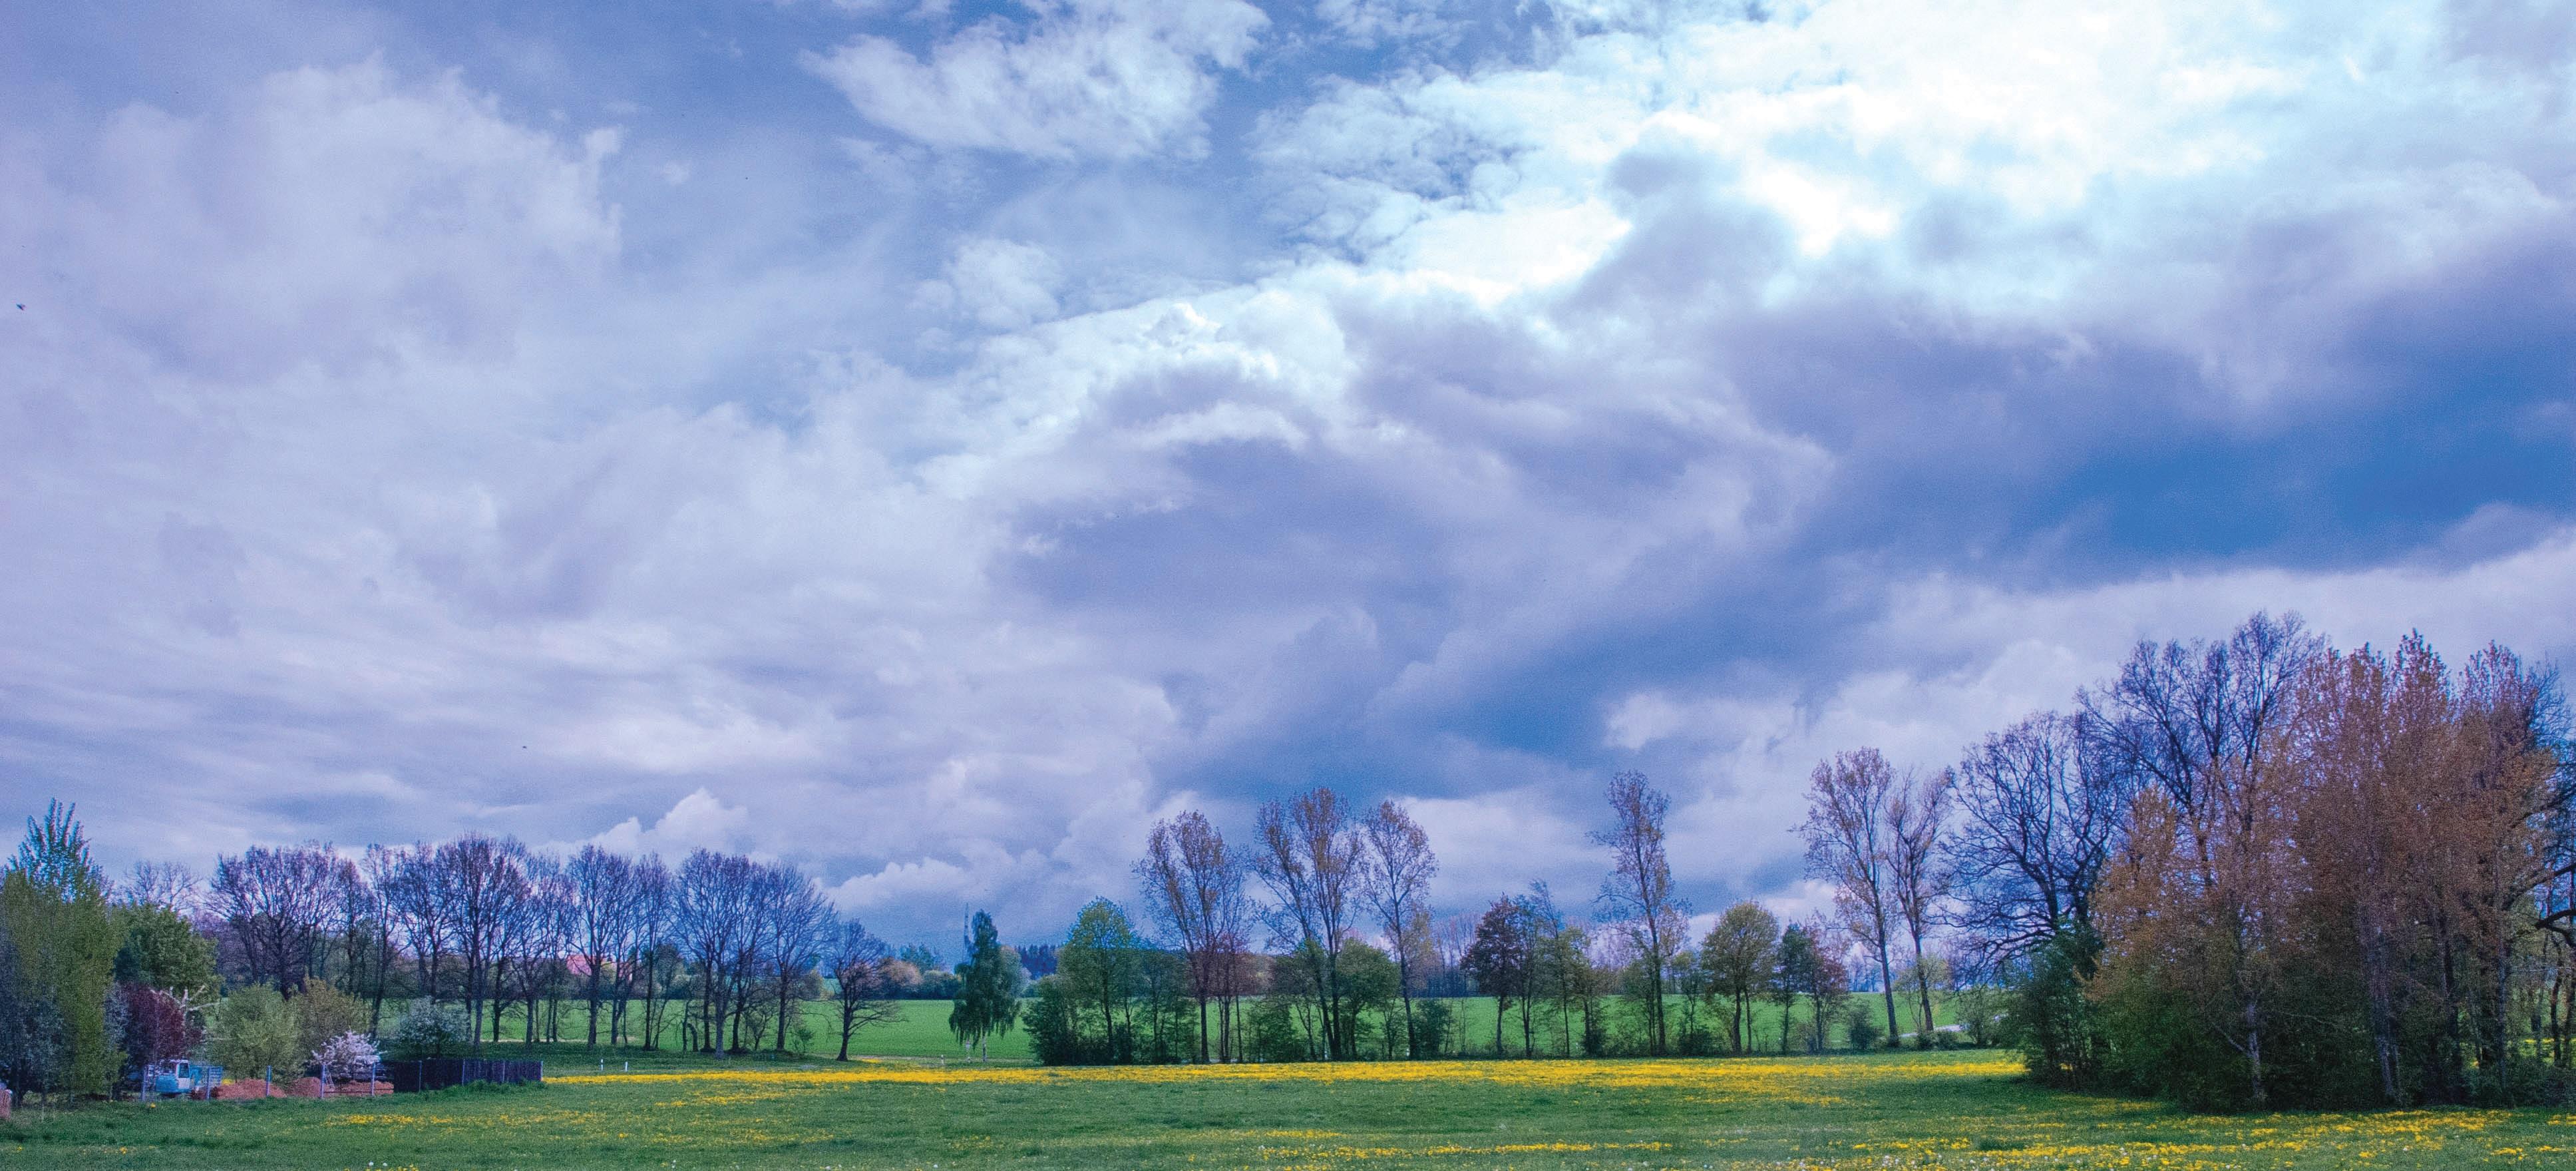 독일의 아름다운 풍경. 독일 국민은 국토의 아름다움보다 이를 지켜나가고 있다는 점을 더욱 자랑스럽게 여긴다.